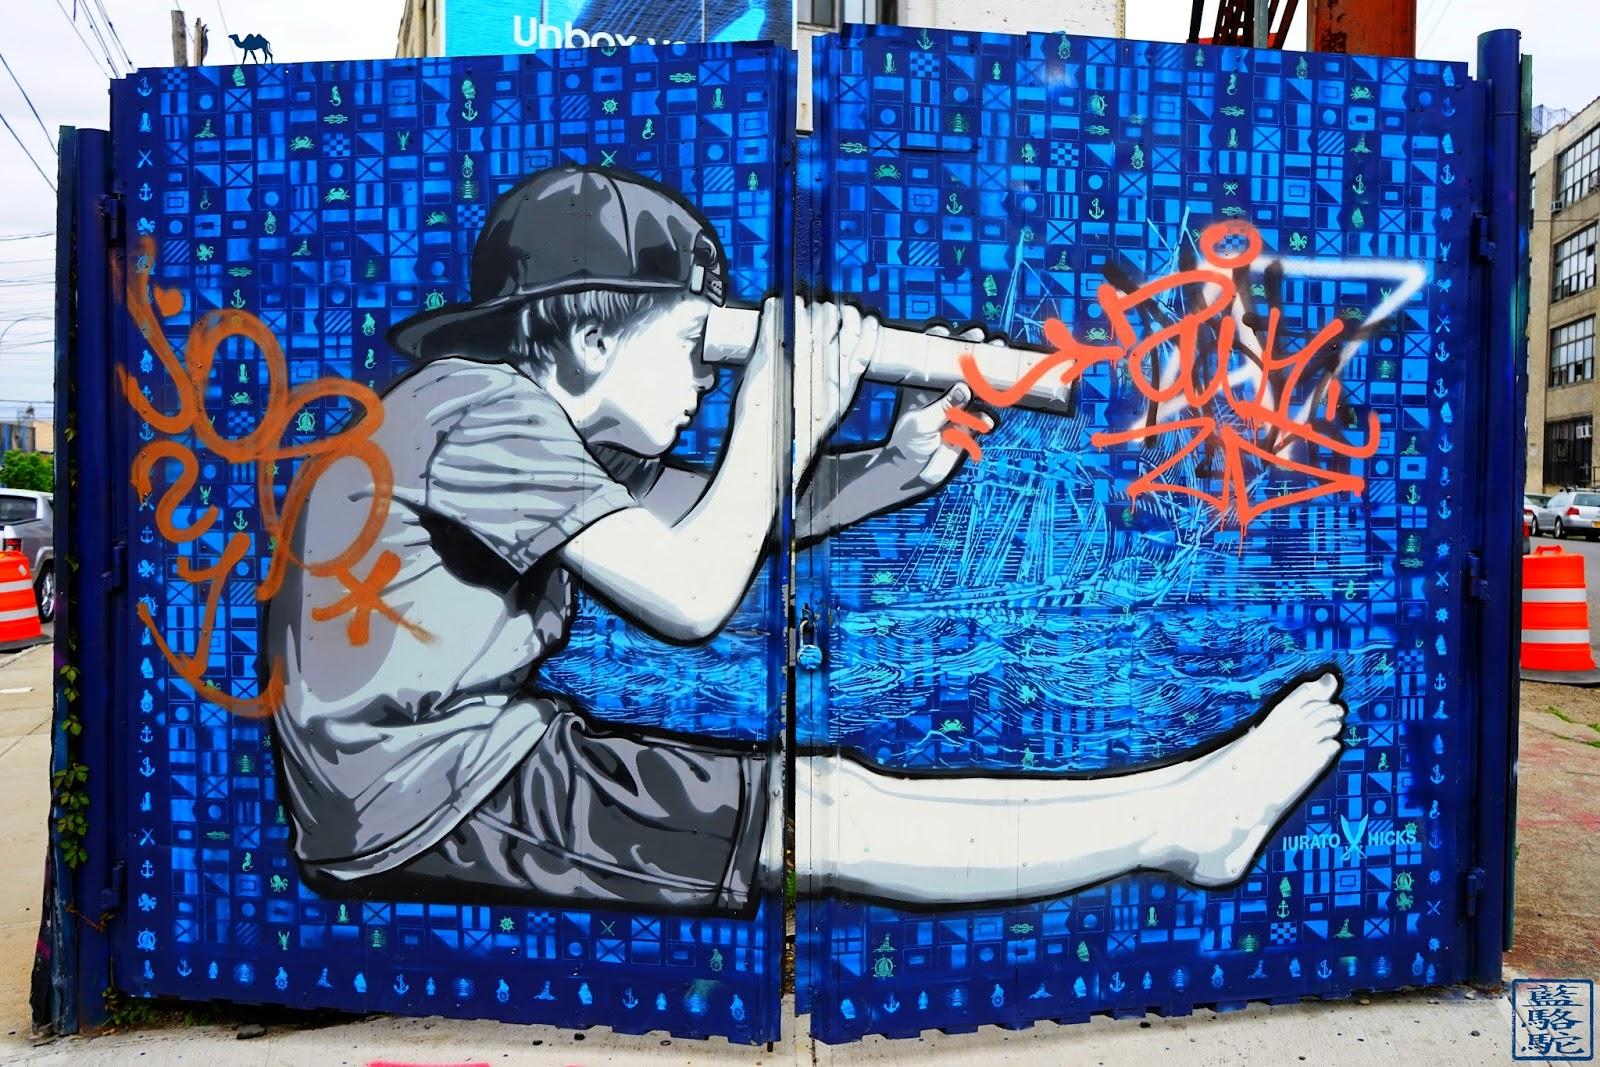 Le Chameau Bleu - Enfant à la longue vue - Bushwick - Brooklyn New York